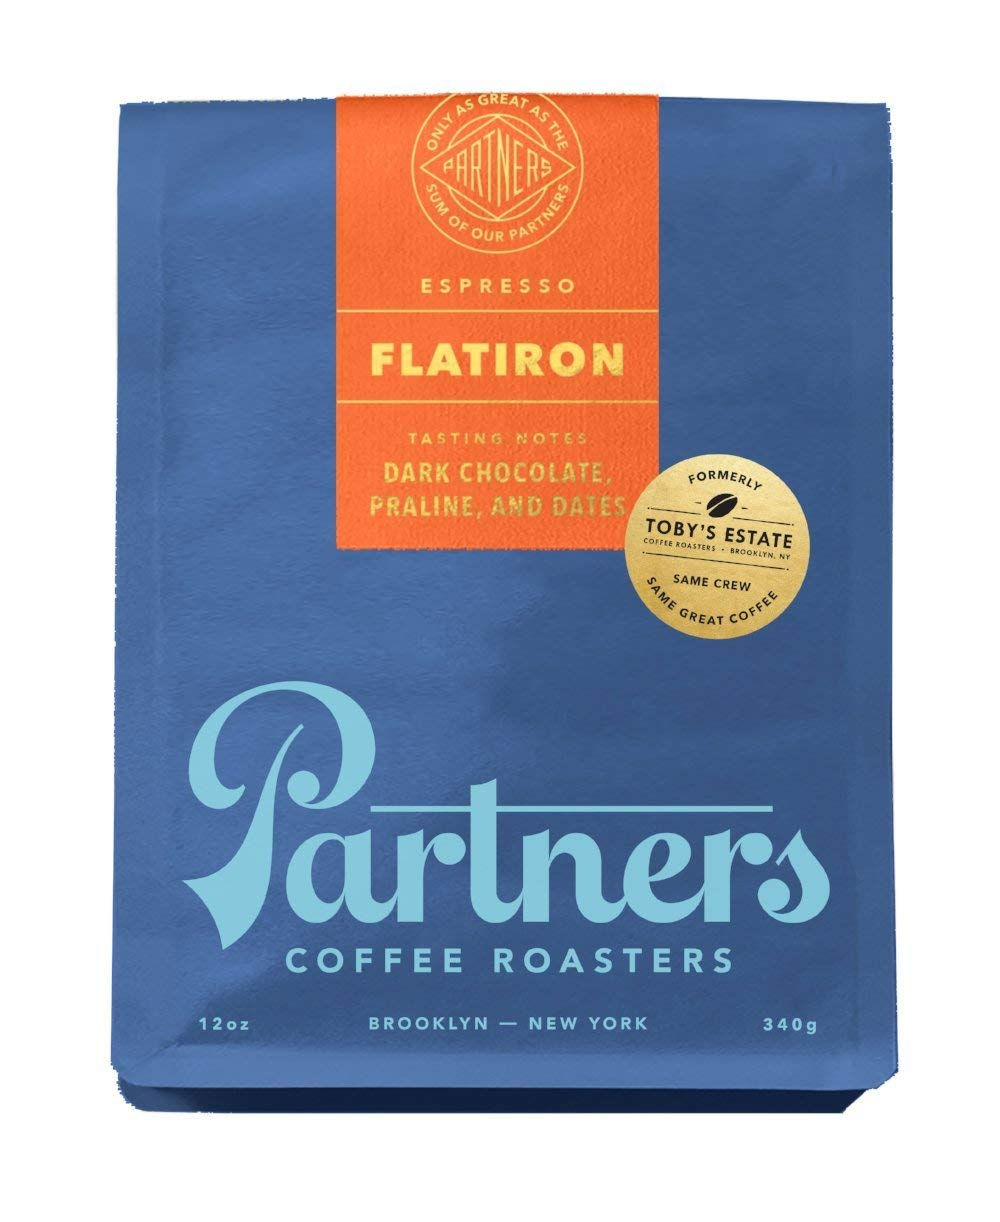 Toby's Estate Coffee, Flatiron Espresso Blend 5lb bag, Whole Bean Coffee by Toby's Estate Coffee (Image #1)